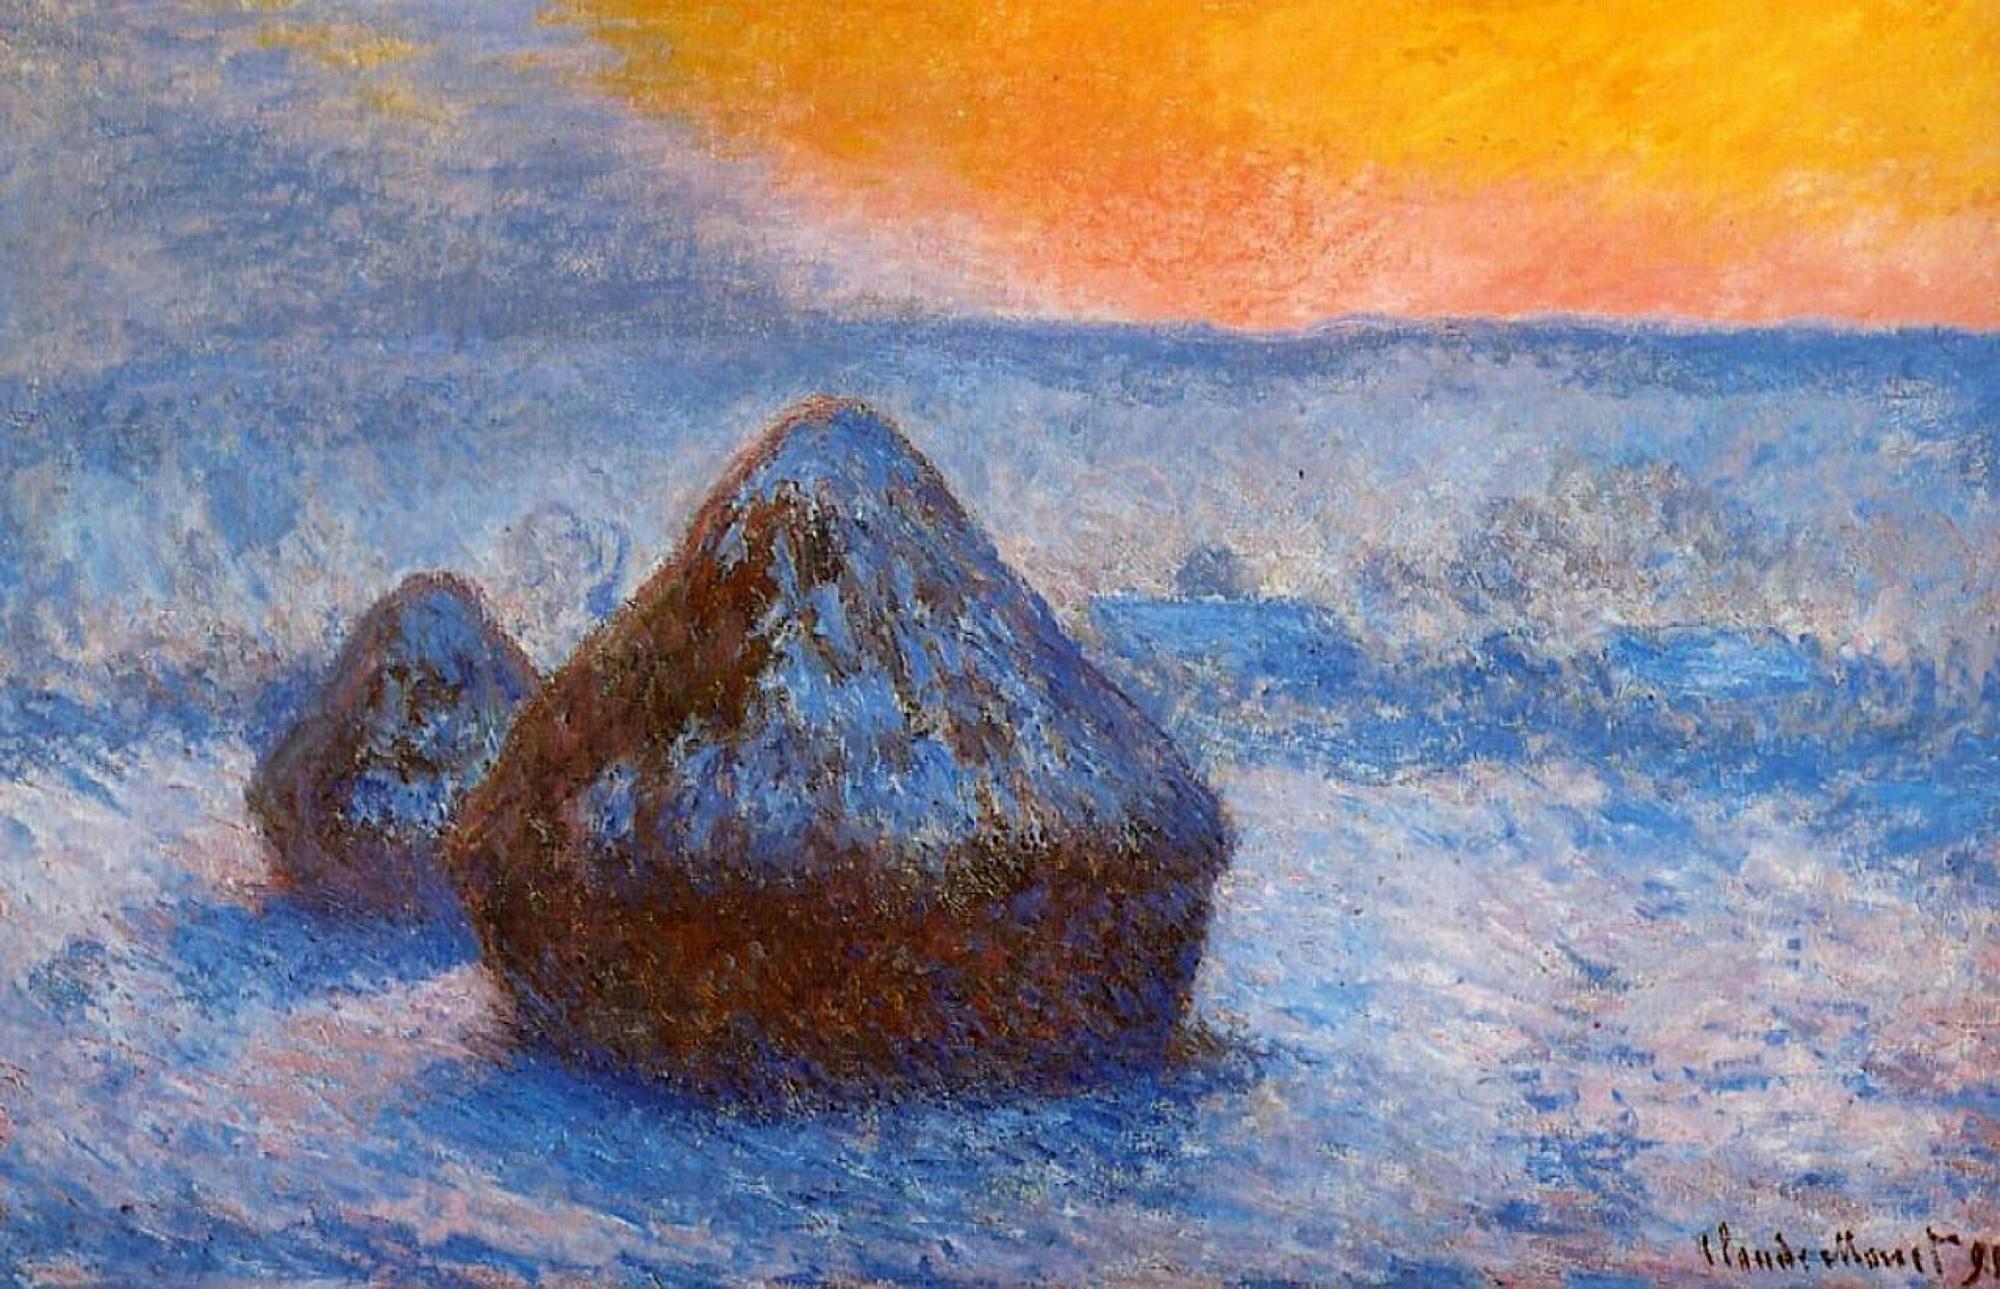 пейзаж Стога сена  лучах восходящего солнца, выпал снег :: Клод Моне, описание картины - Claude Monet фото